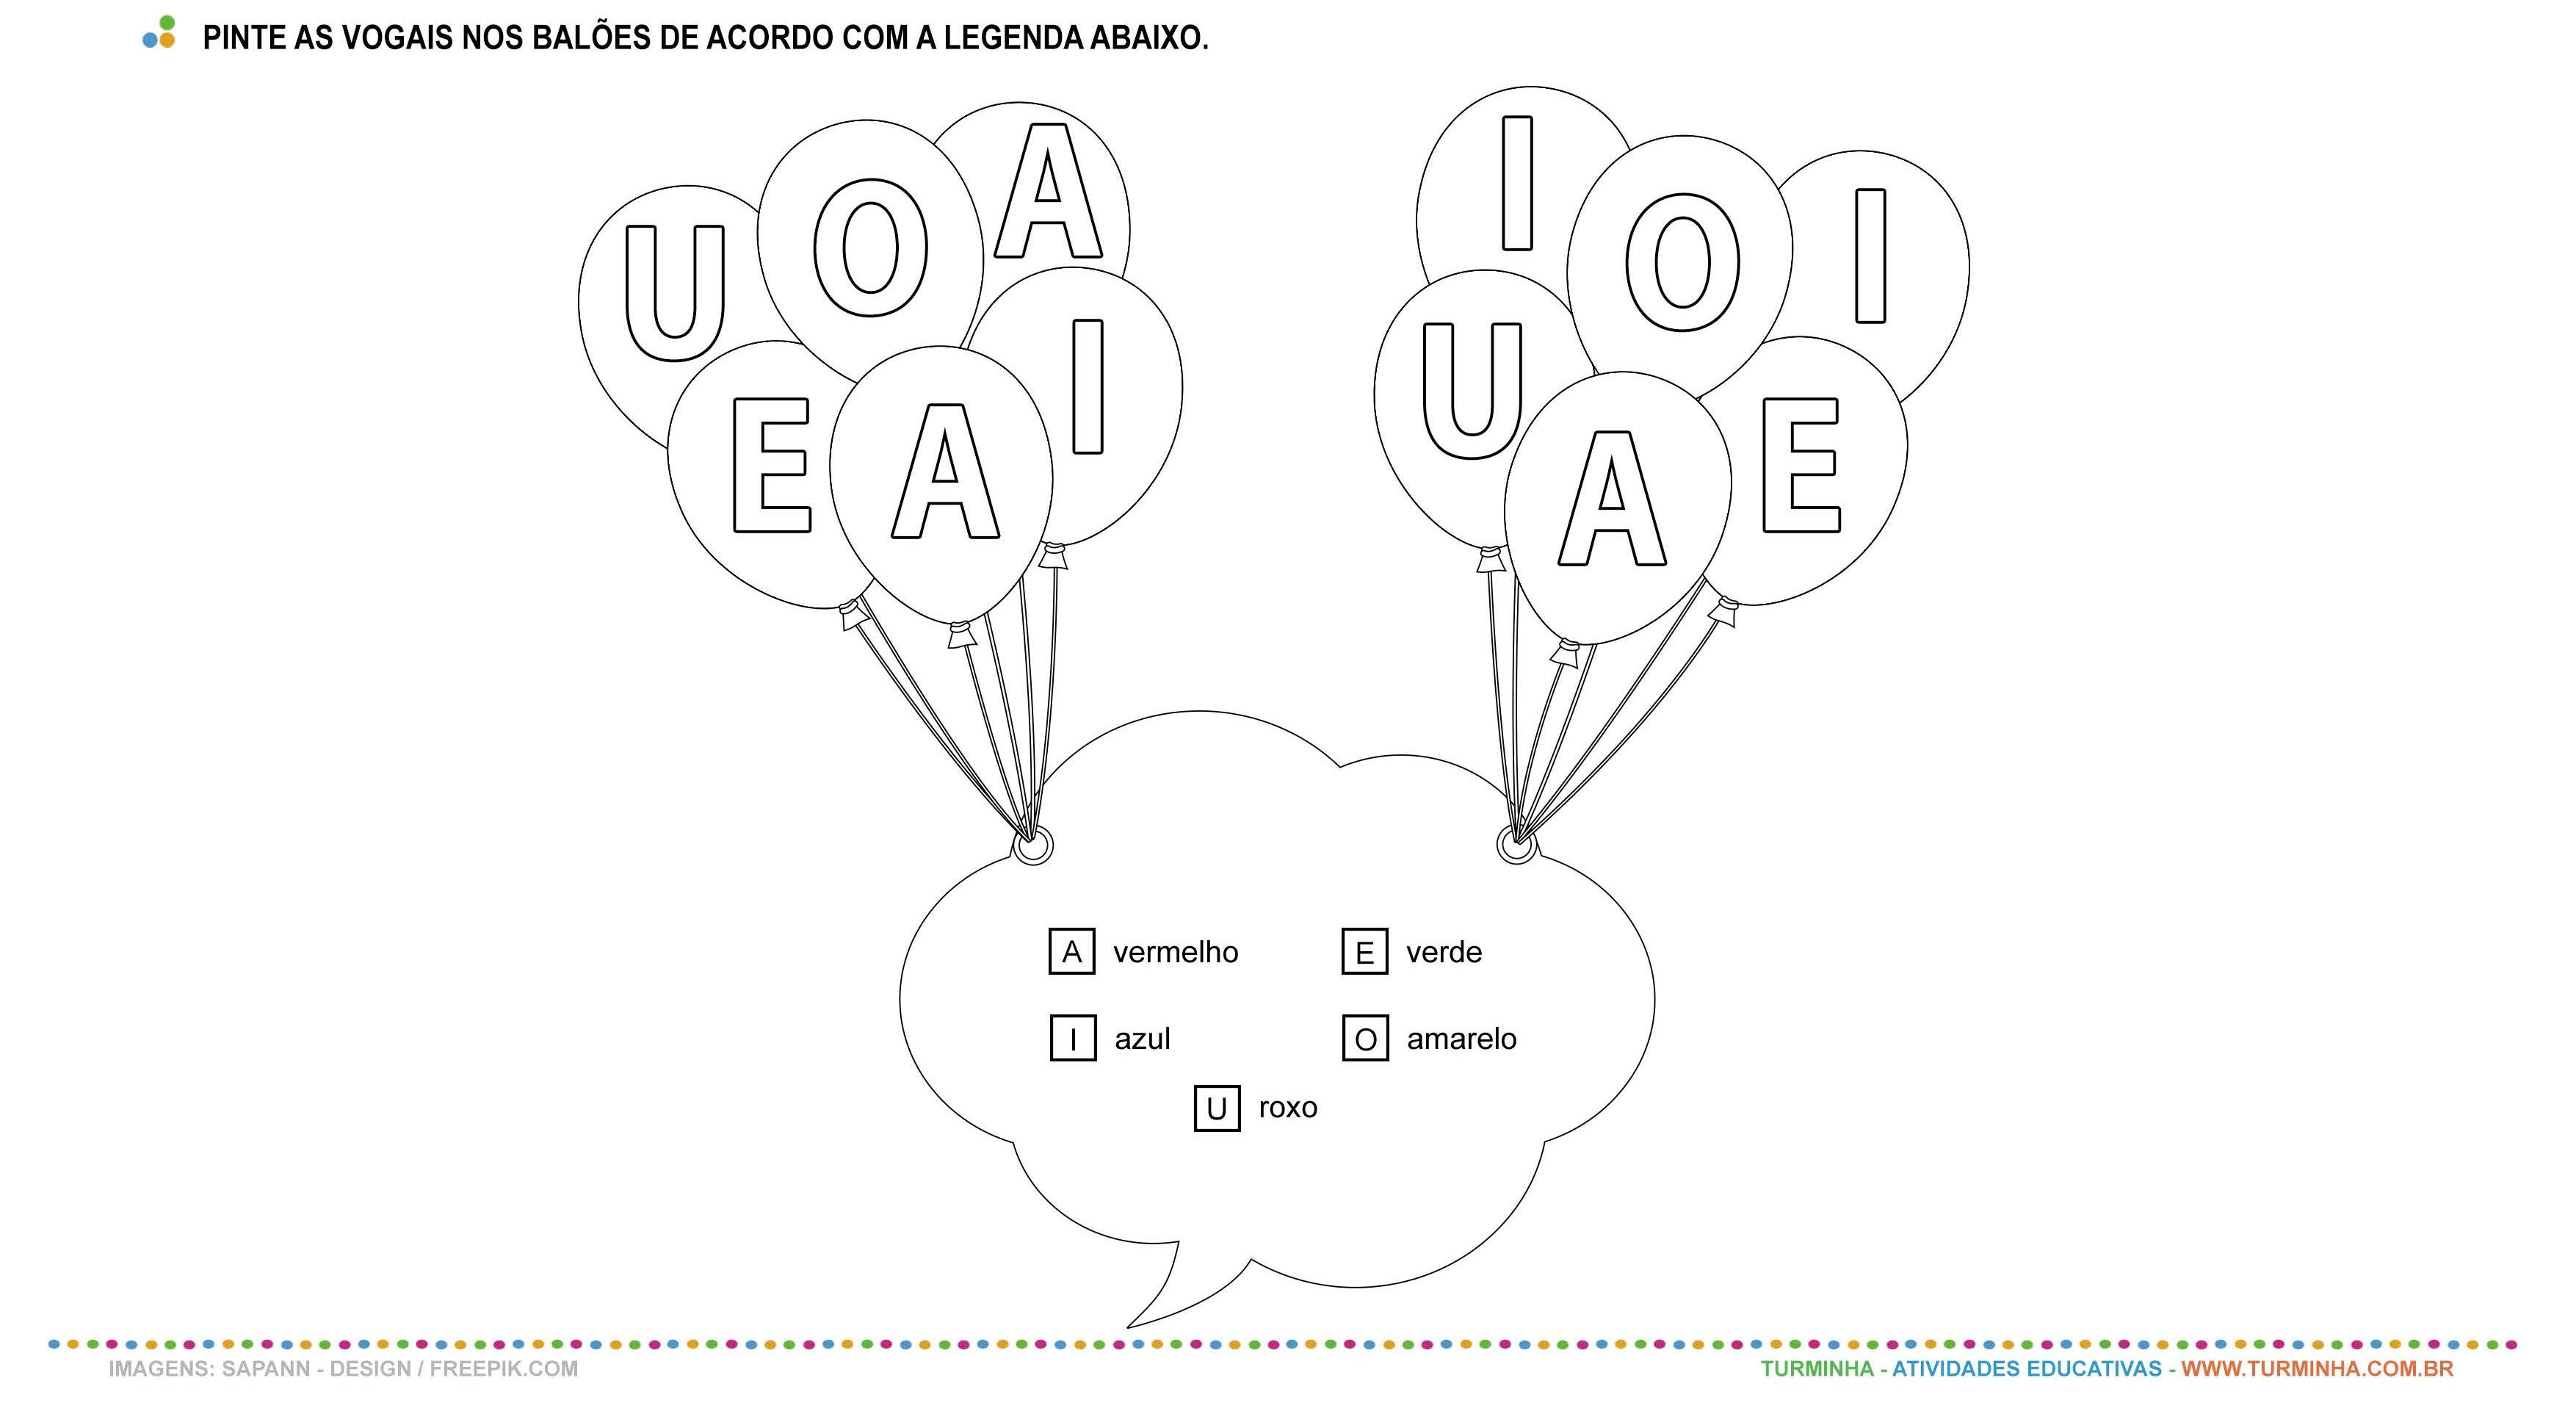 As vogais - atividade educativa para Pré-Escola (4 e 5 anos)